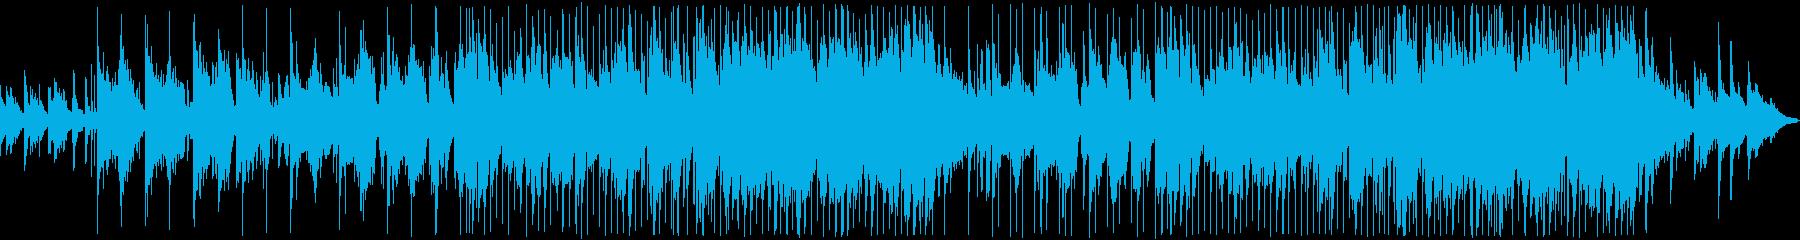 エレピが心地よいバラード2の再生済みの波形